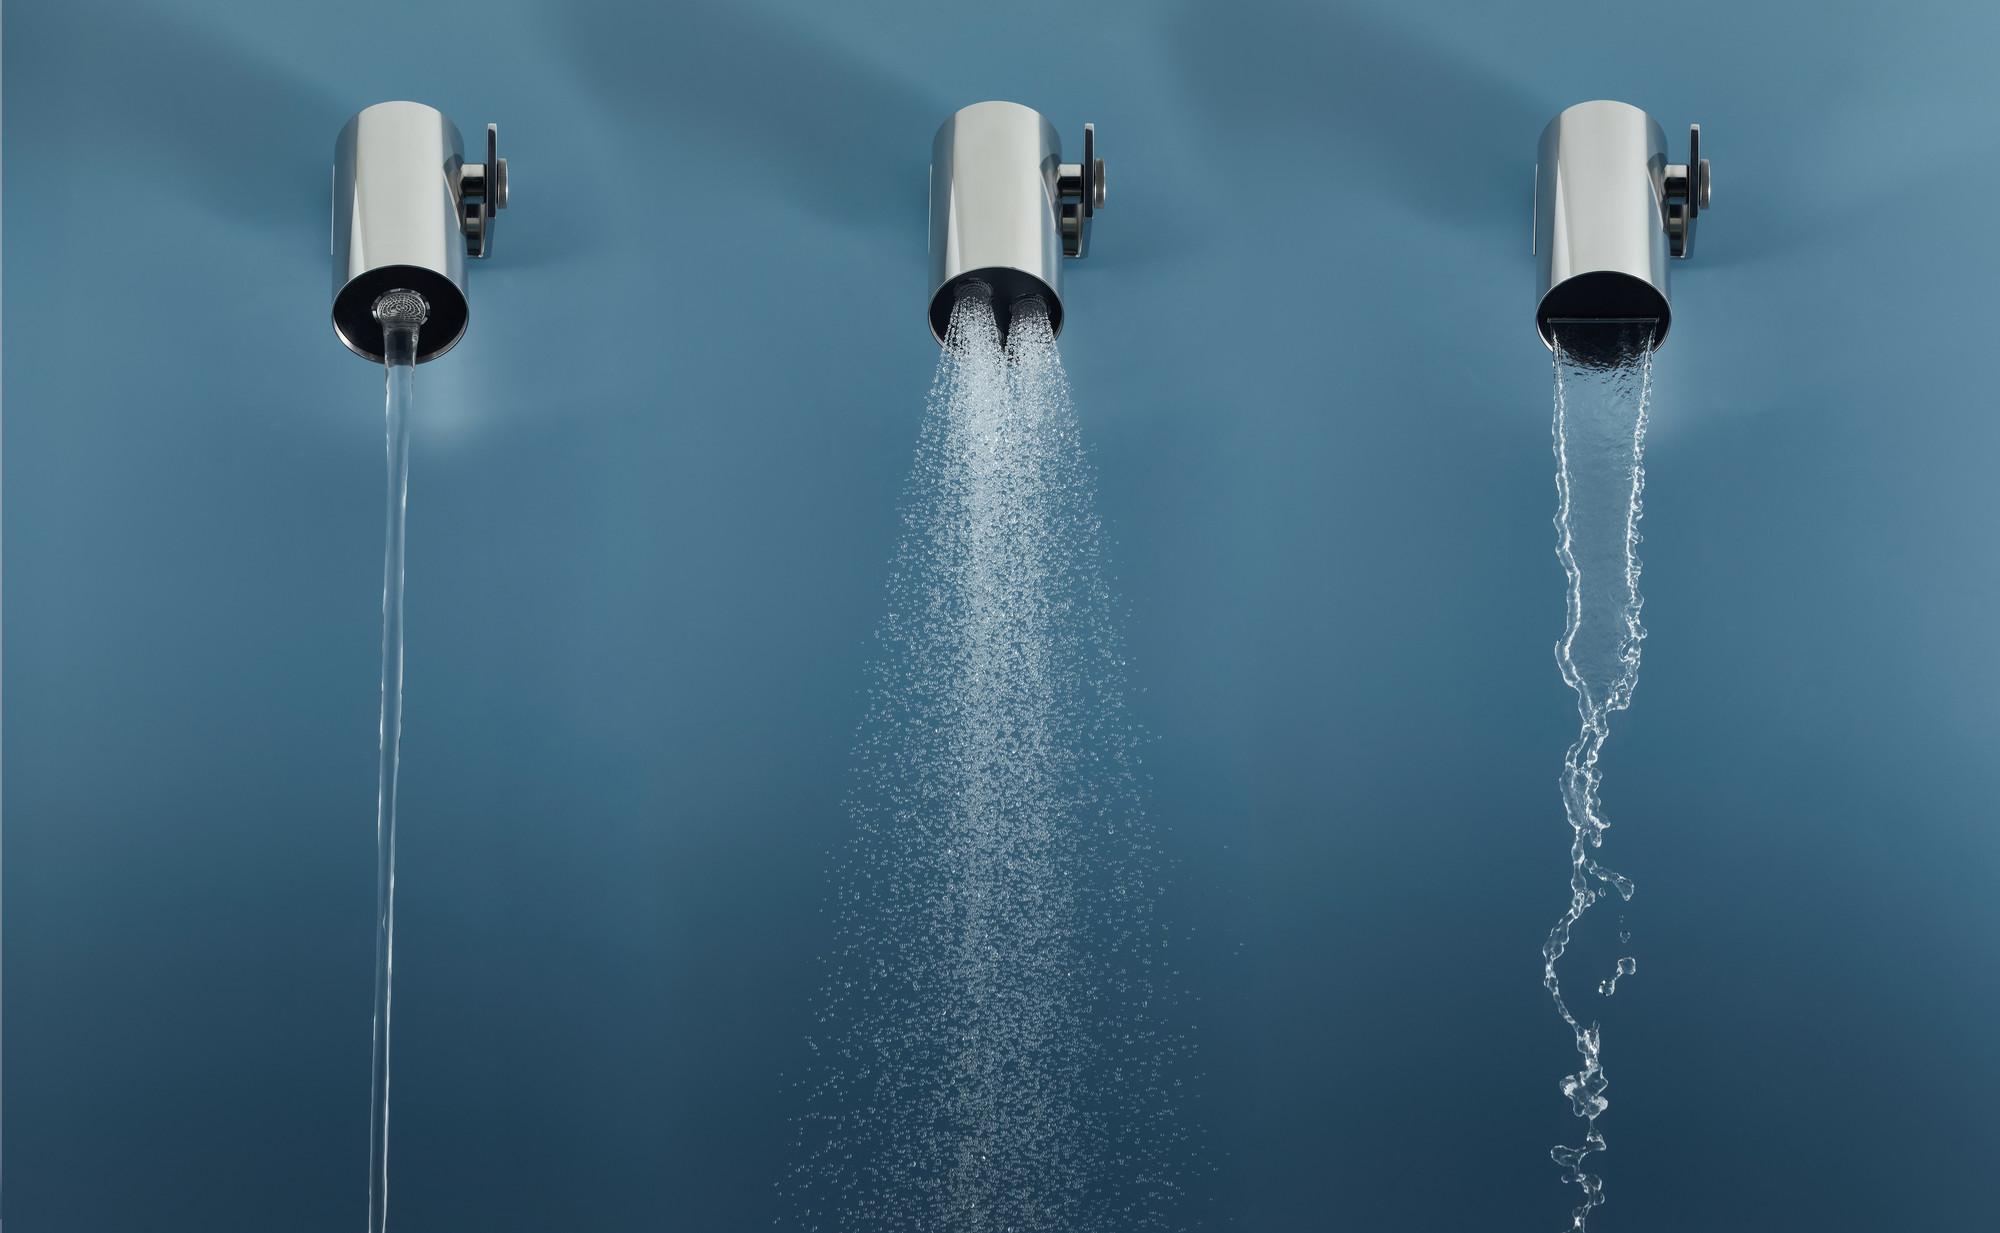 Jaká je správná výška pro instalaci sprchových baterií a hlavic? 3